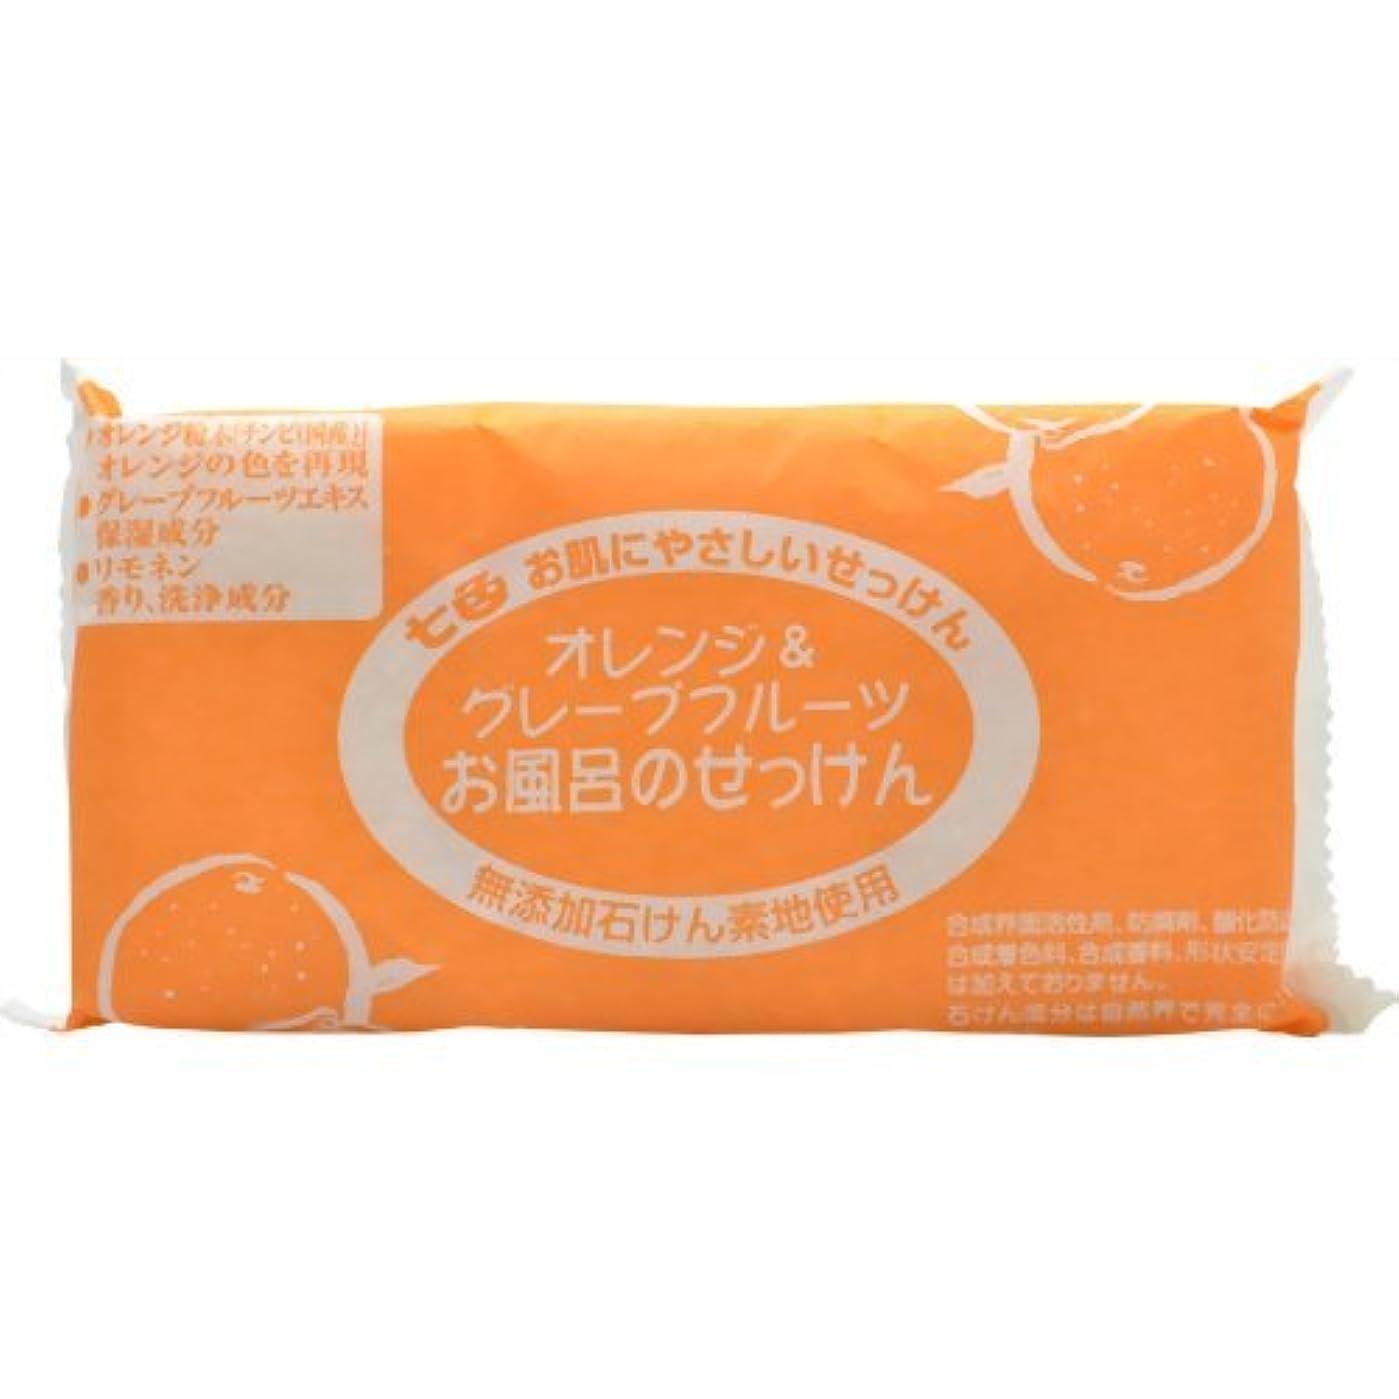 これらインターネット回転するまるは オレンジ&グレープフルーツ お風呂の石鹸 3個入り